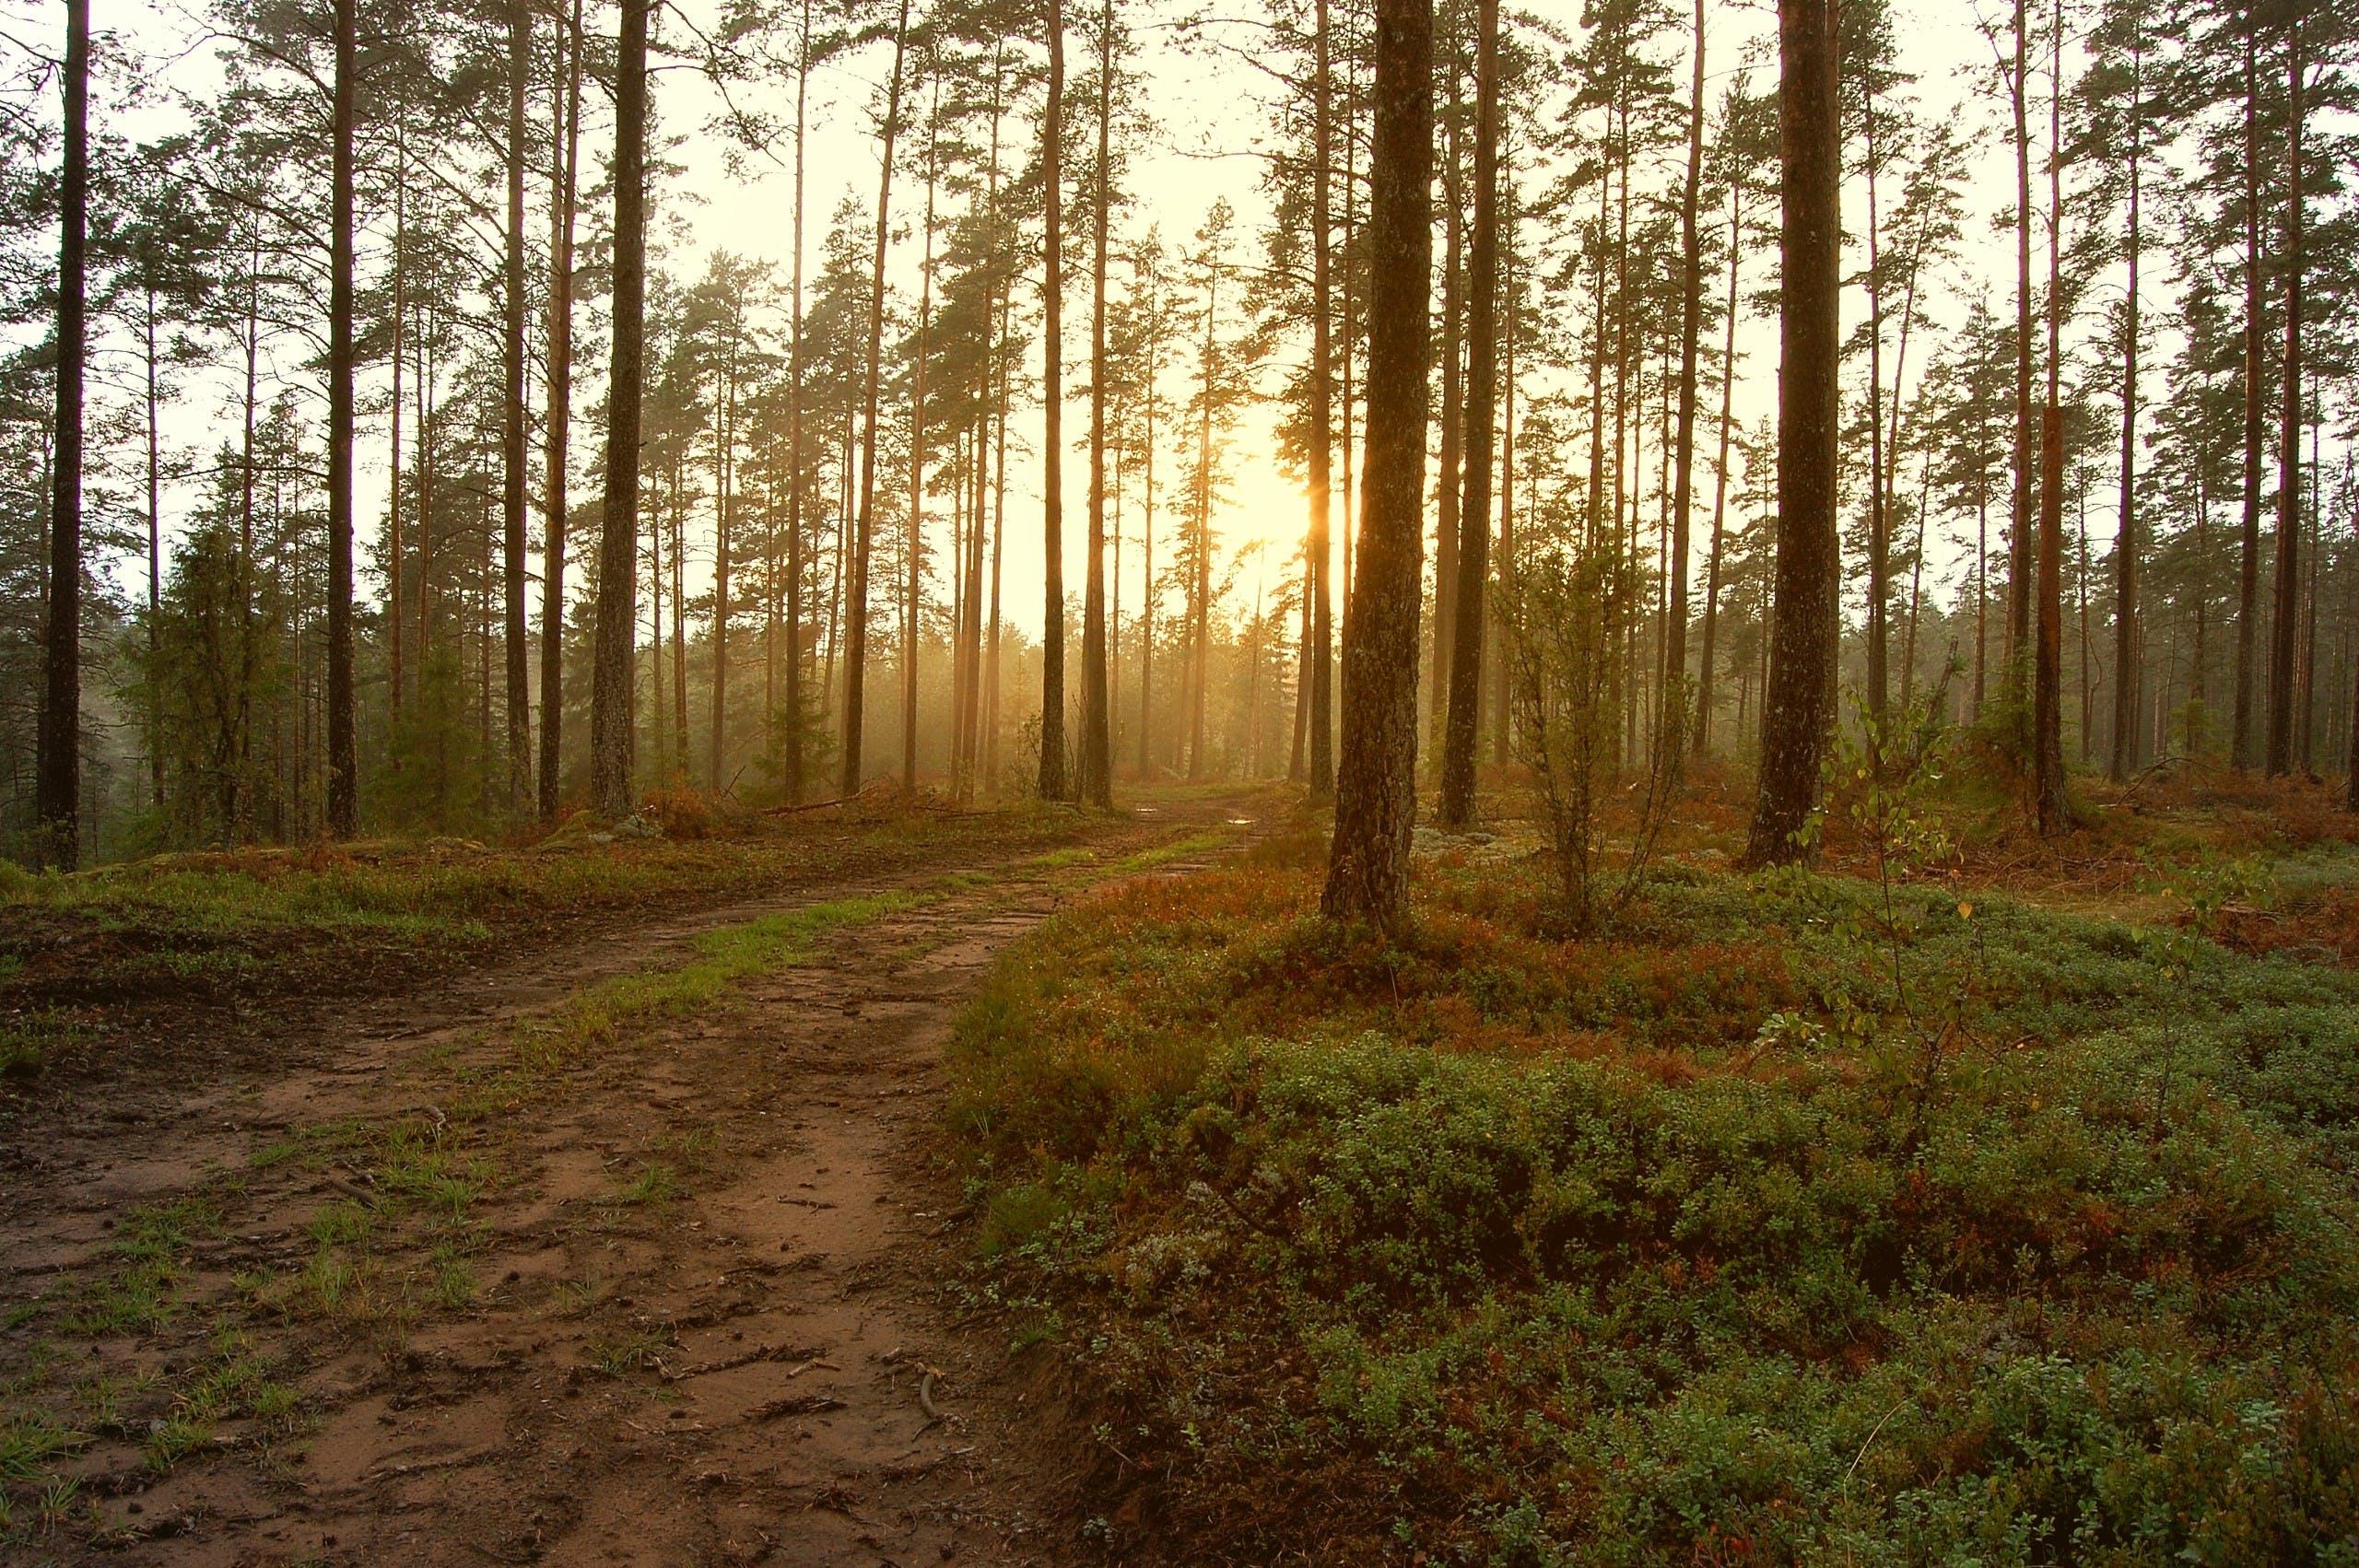 Fotos de stock gratuitas de amanecer, arboles, bosque, camino